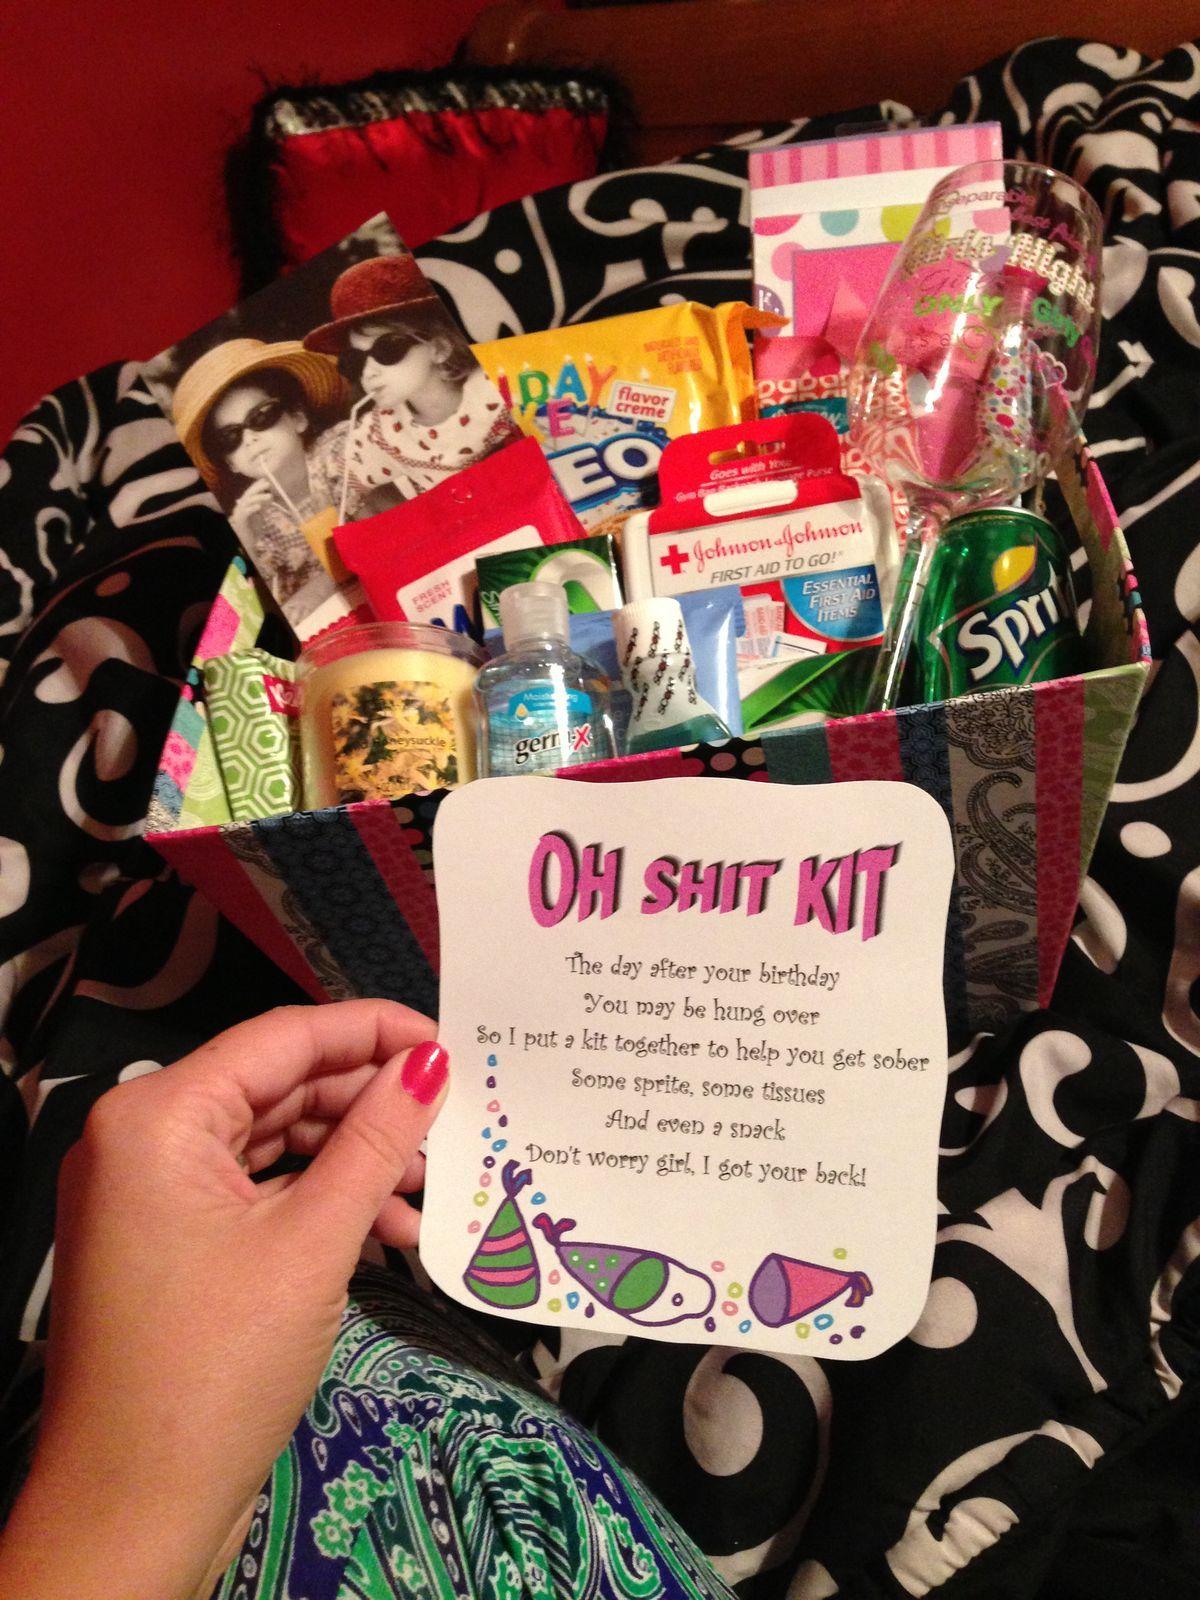 21st birthday gift ideas for best friend